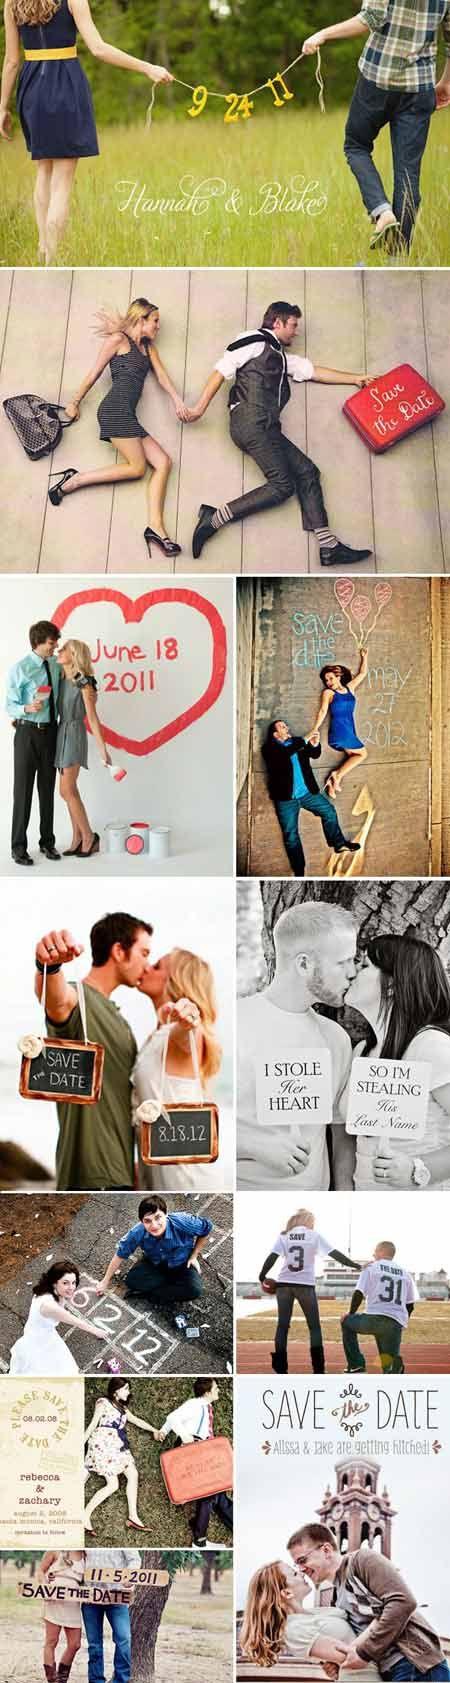 Inspírate en estas ideas de fotos para tu save the date. Algunas tienen trucos para lograr fotos super originales. Haz click en la foto y entérate de todos los detalles. #savethedate